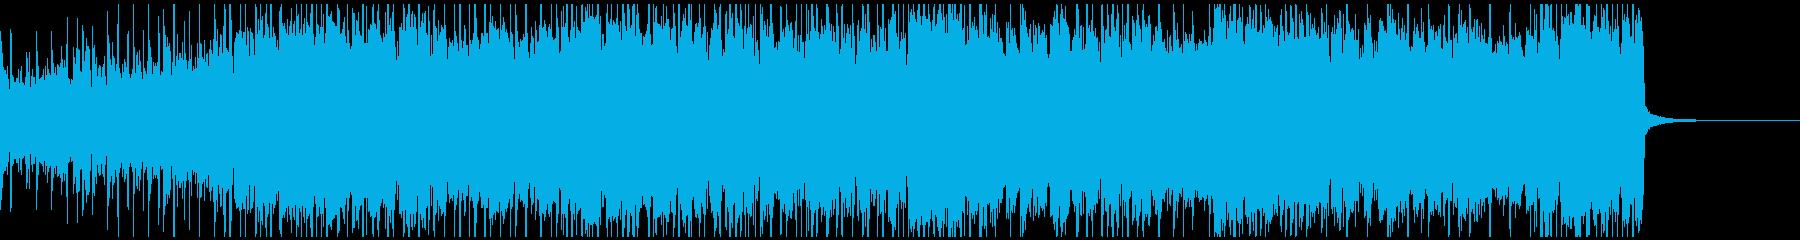 戦闘・ミクスチャー・メタルBGMの再生済みの波形